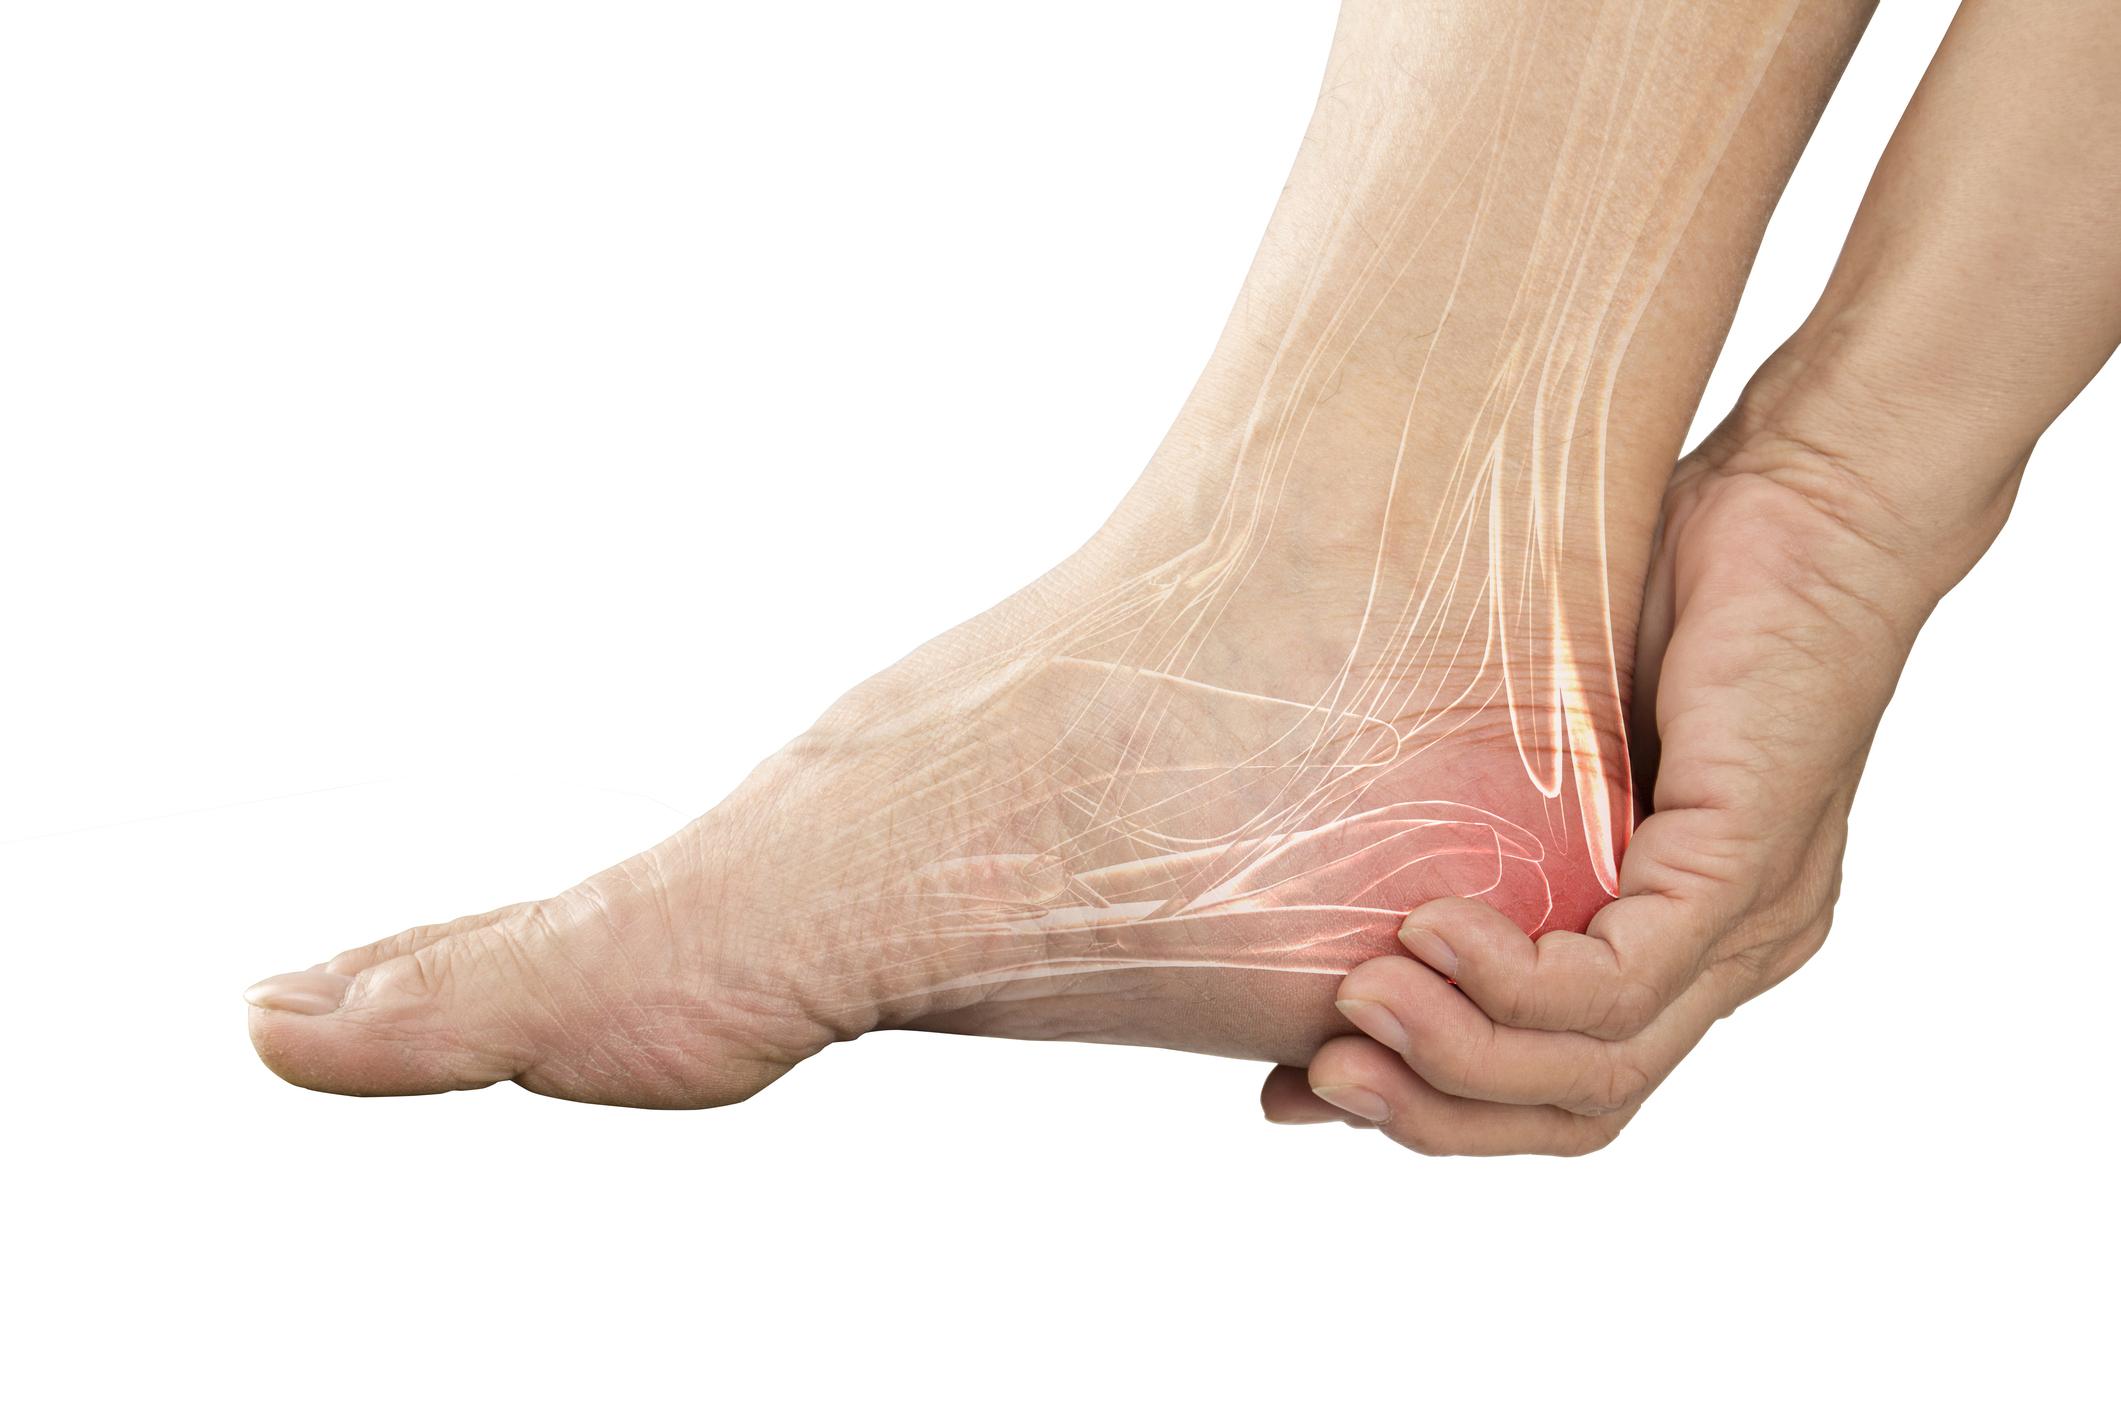 lábujj-törés ízületi gyulladás